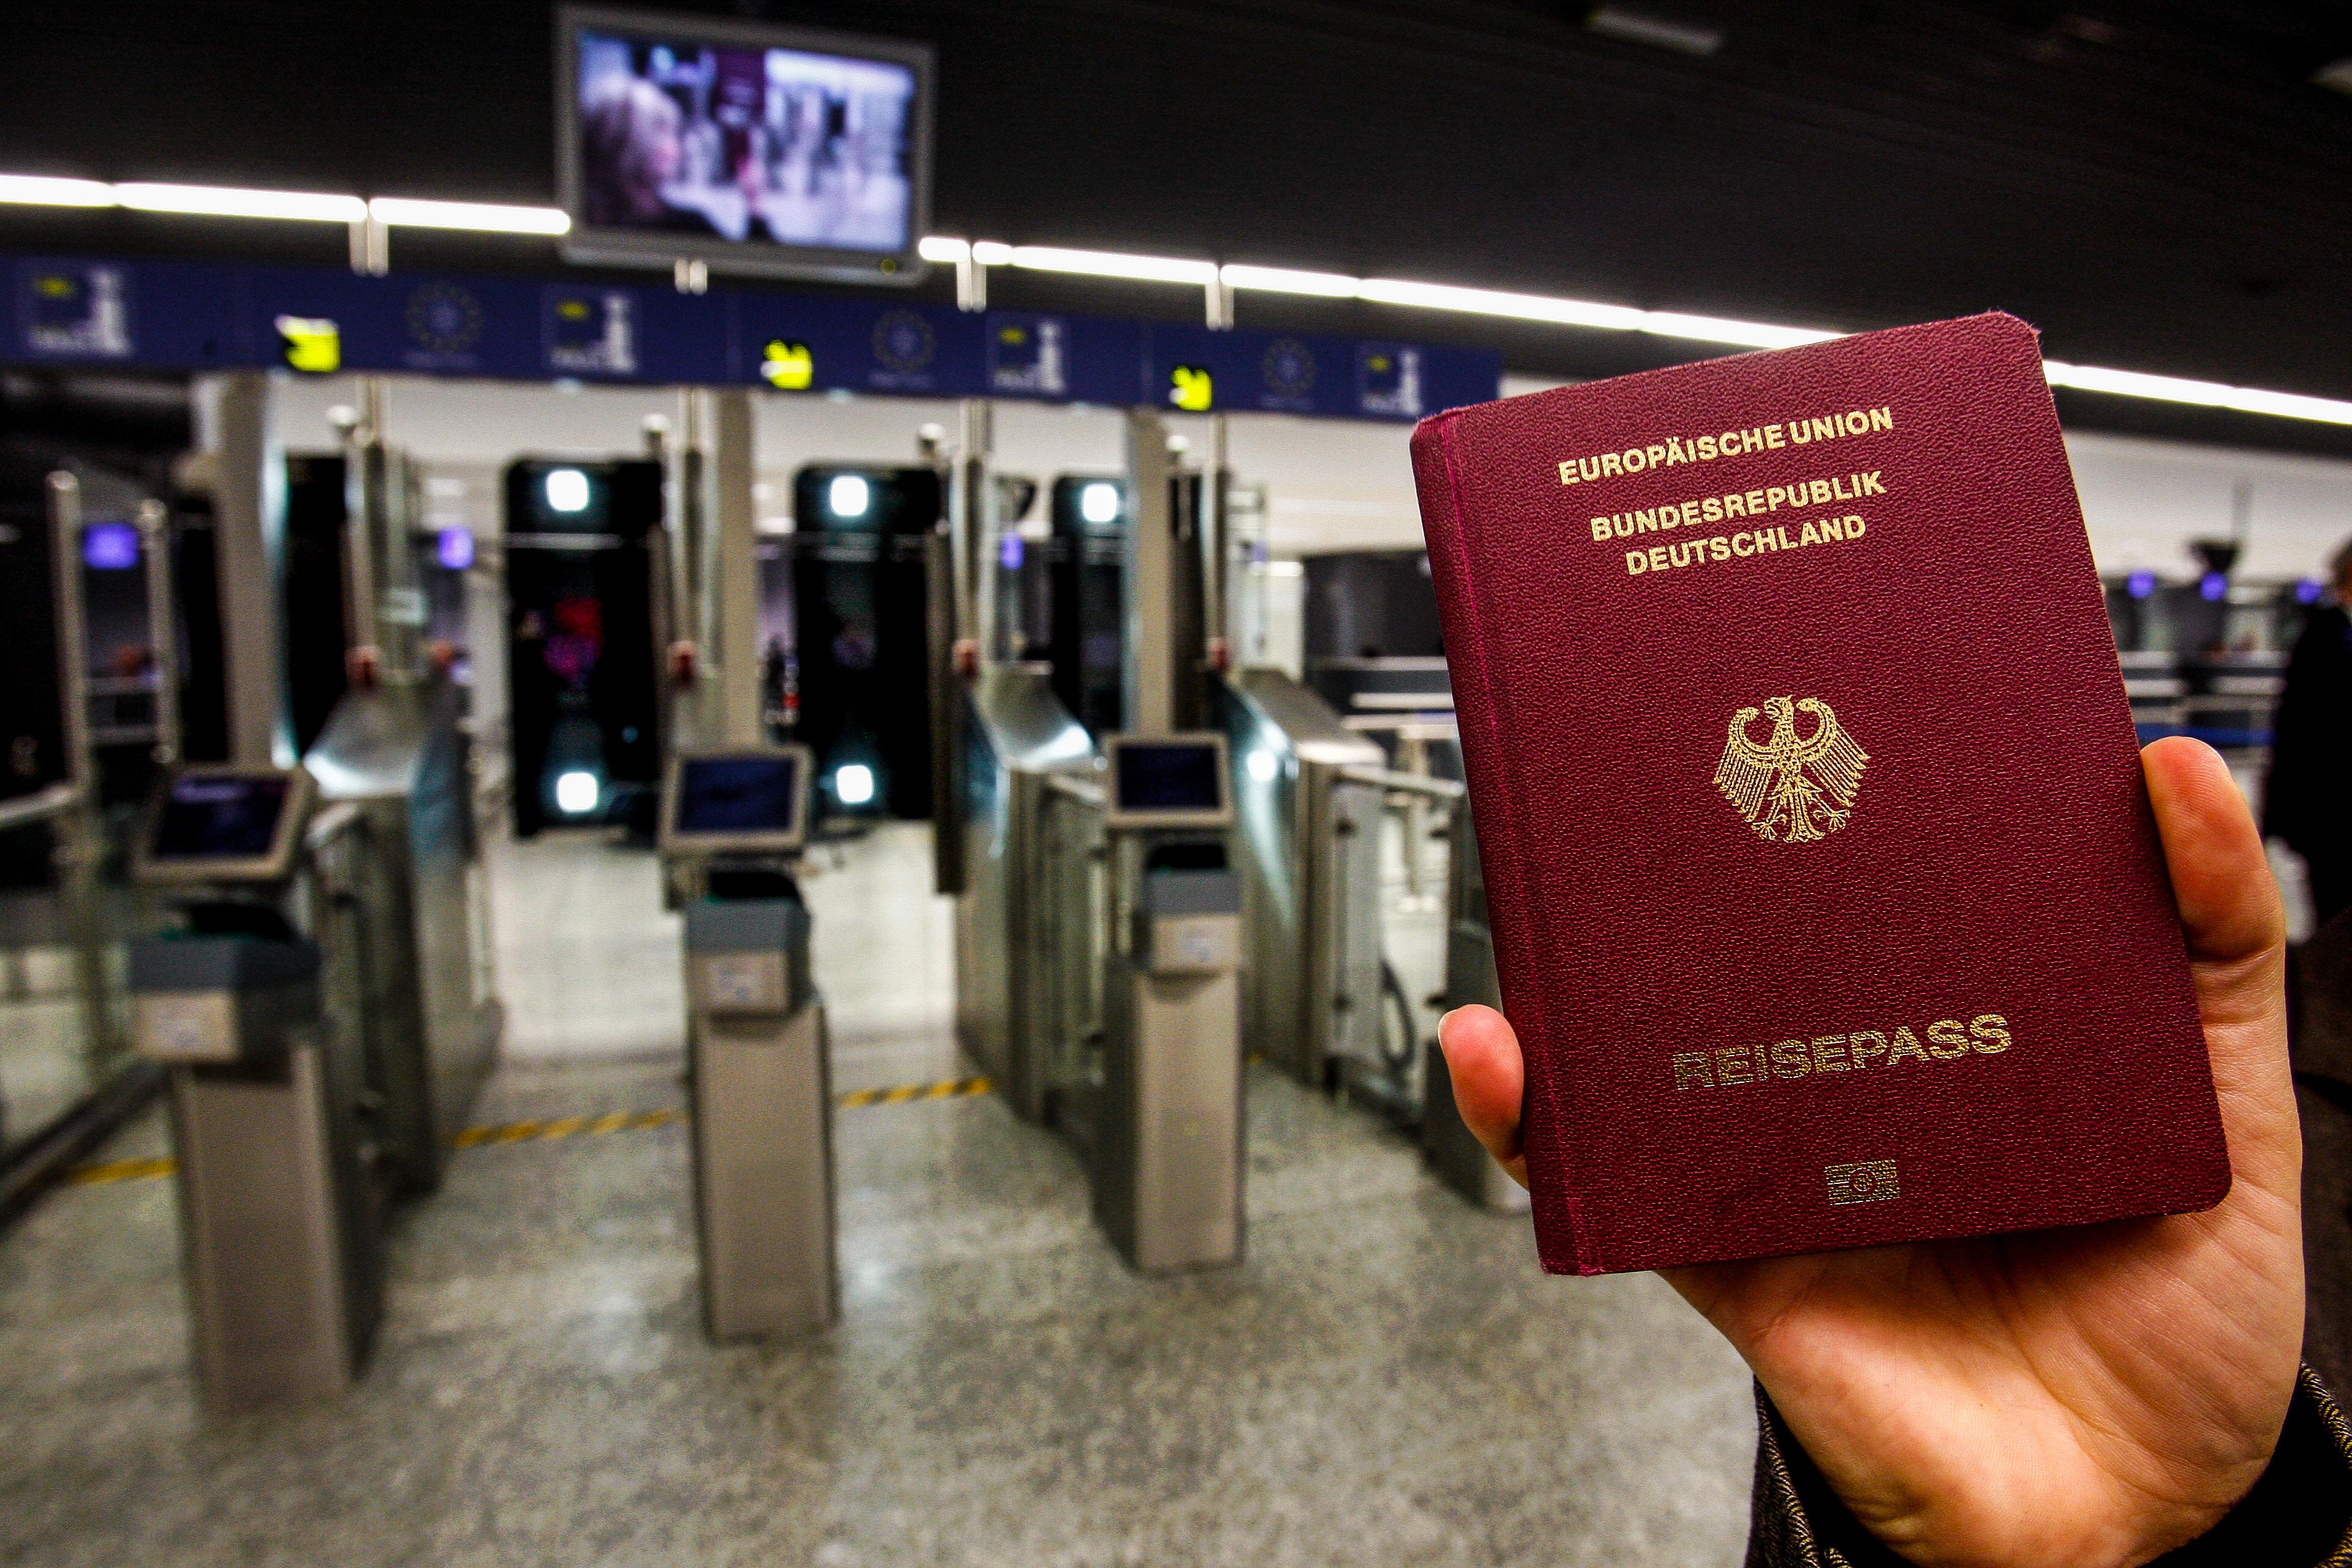 Němci mají 'nejsilnější' pasy na světě. Bez víza mohou téměř kamkoli